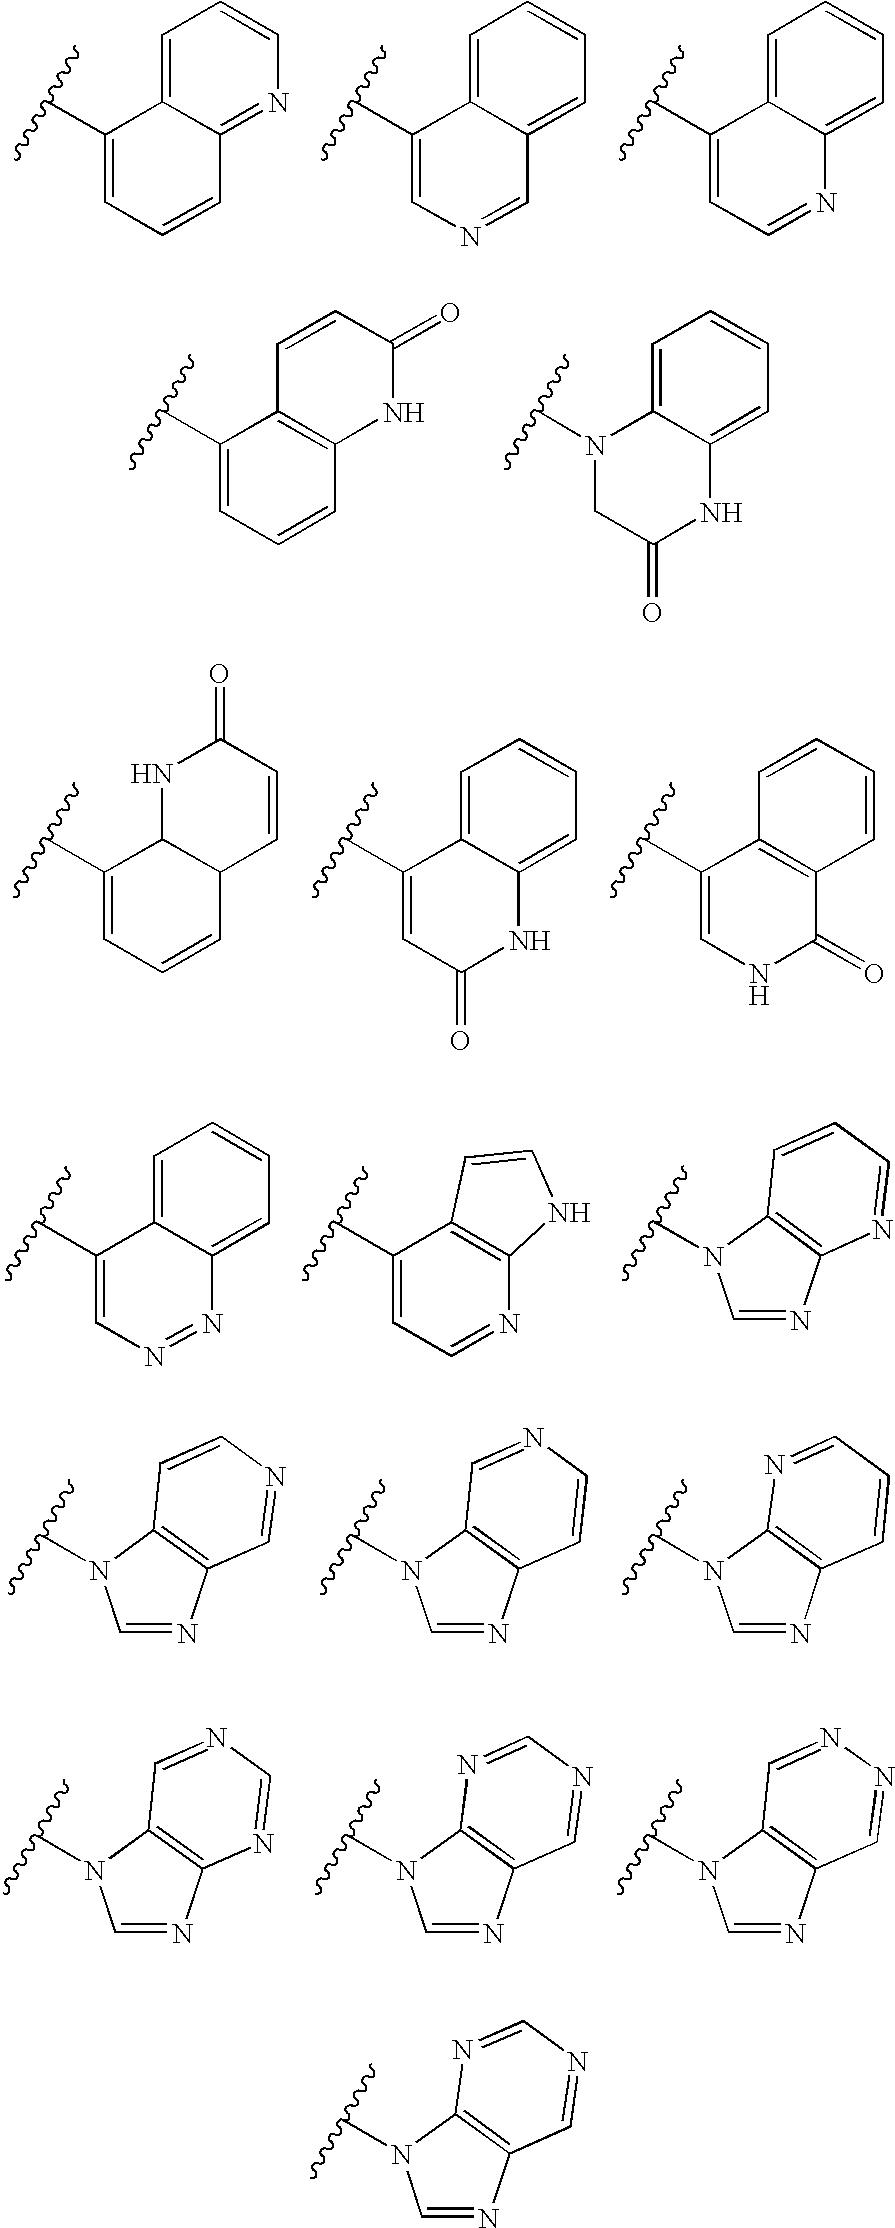 Figure US08173650-20120508-C00006